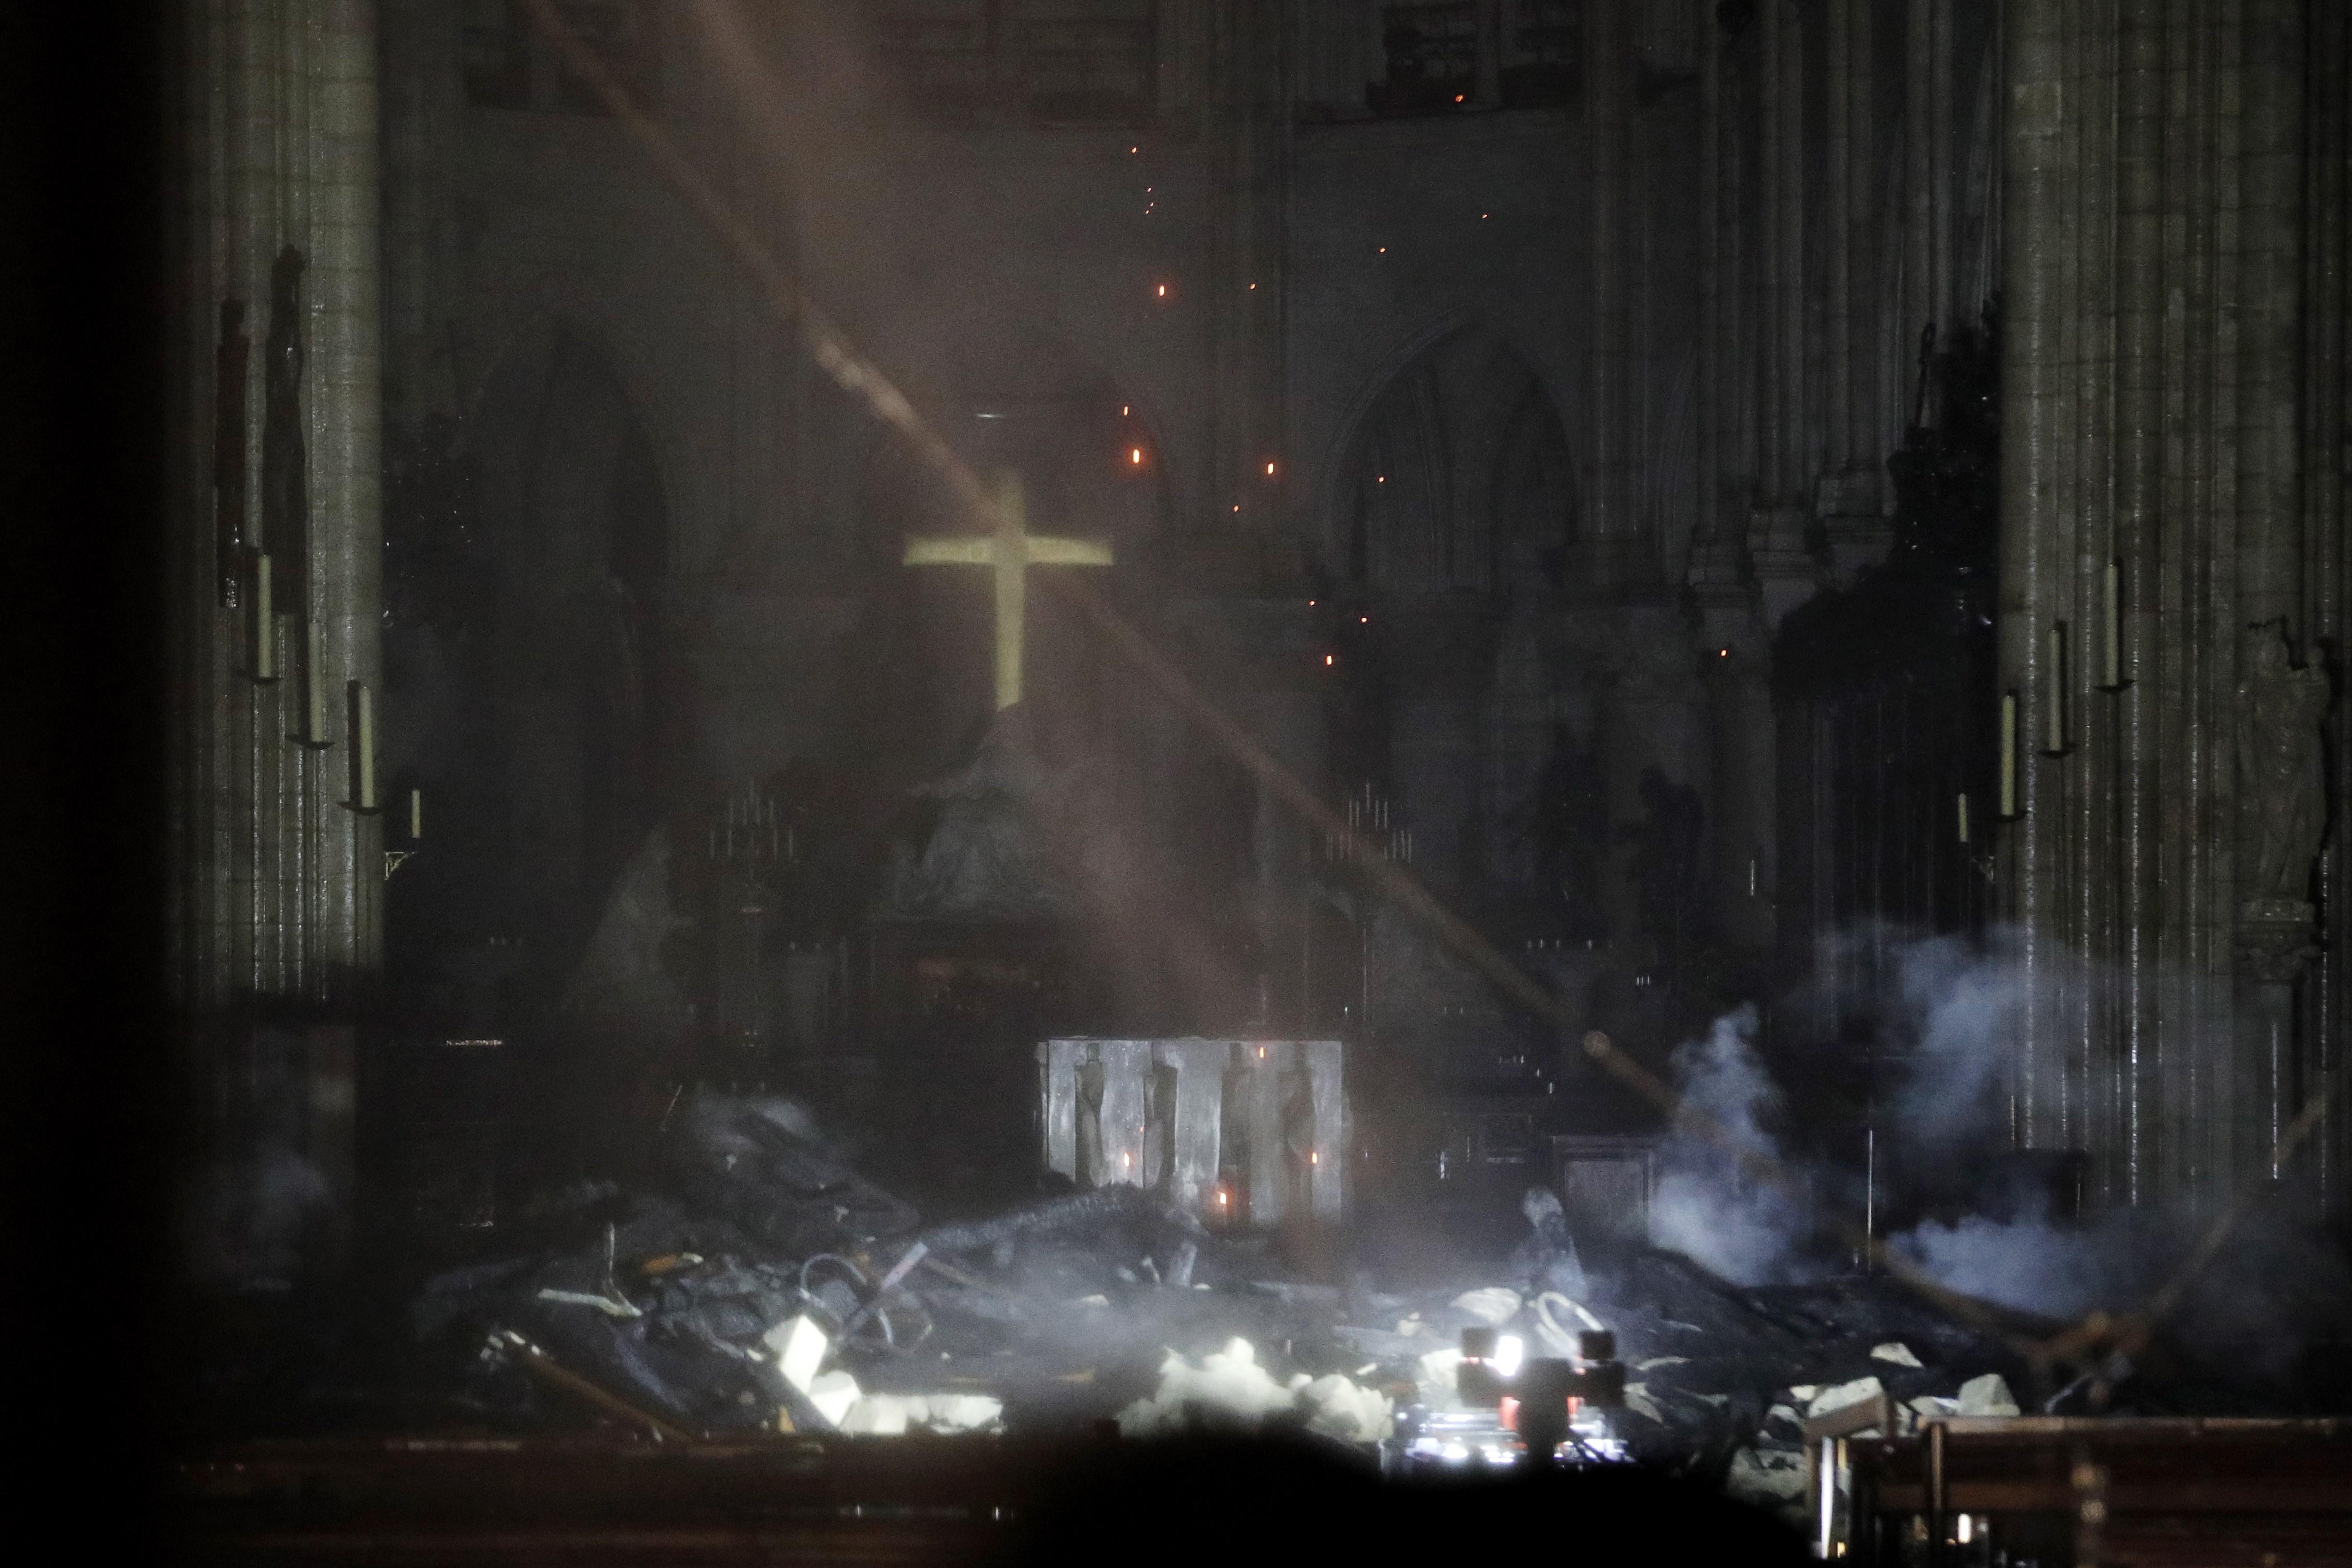 """Las autoridades ofrecieron un balance material """"dramático"""": """"Todo el tejado está siniestrado, toda la armadura quedó destruida, una parte de la bóveda se derrumbó, la aguja ya no existe"""""""